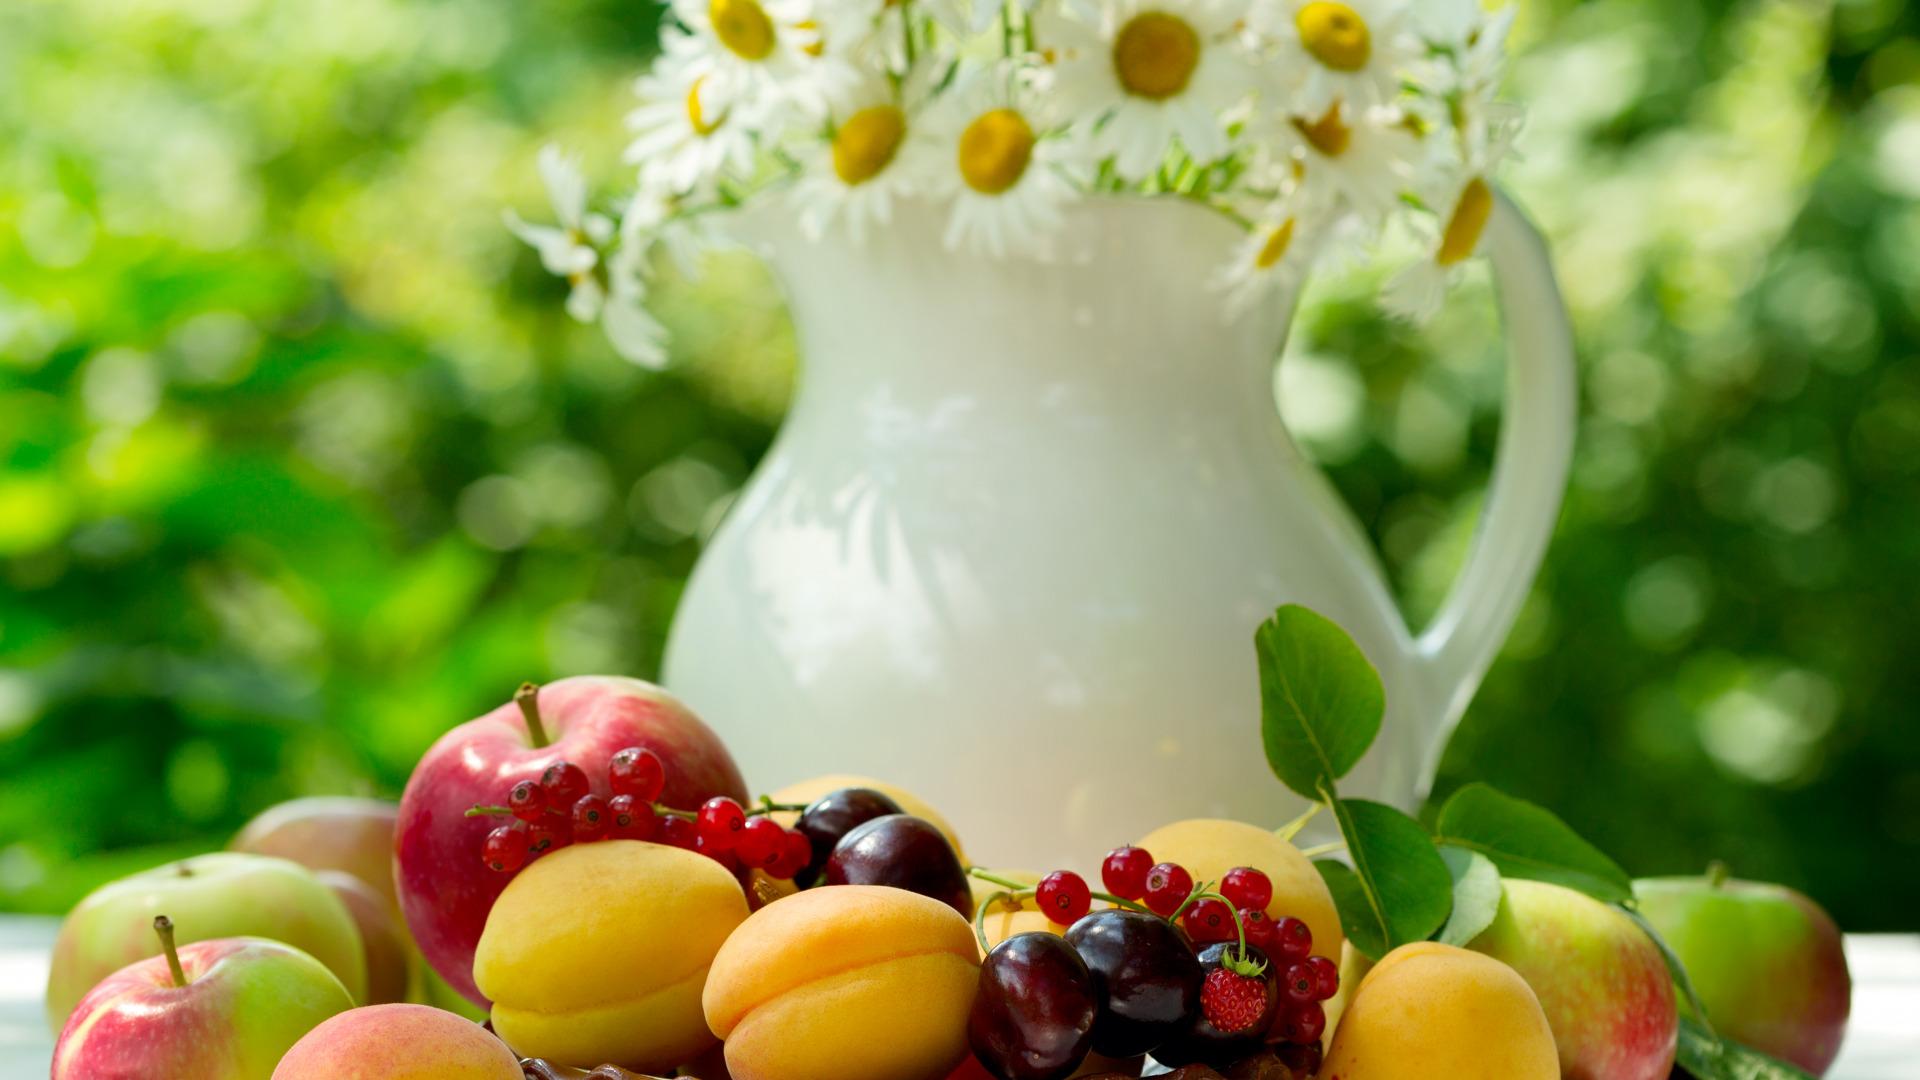 Обои лето фрукты для рабочего стола